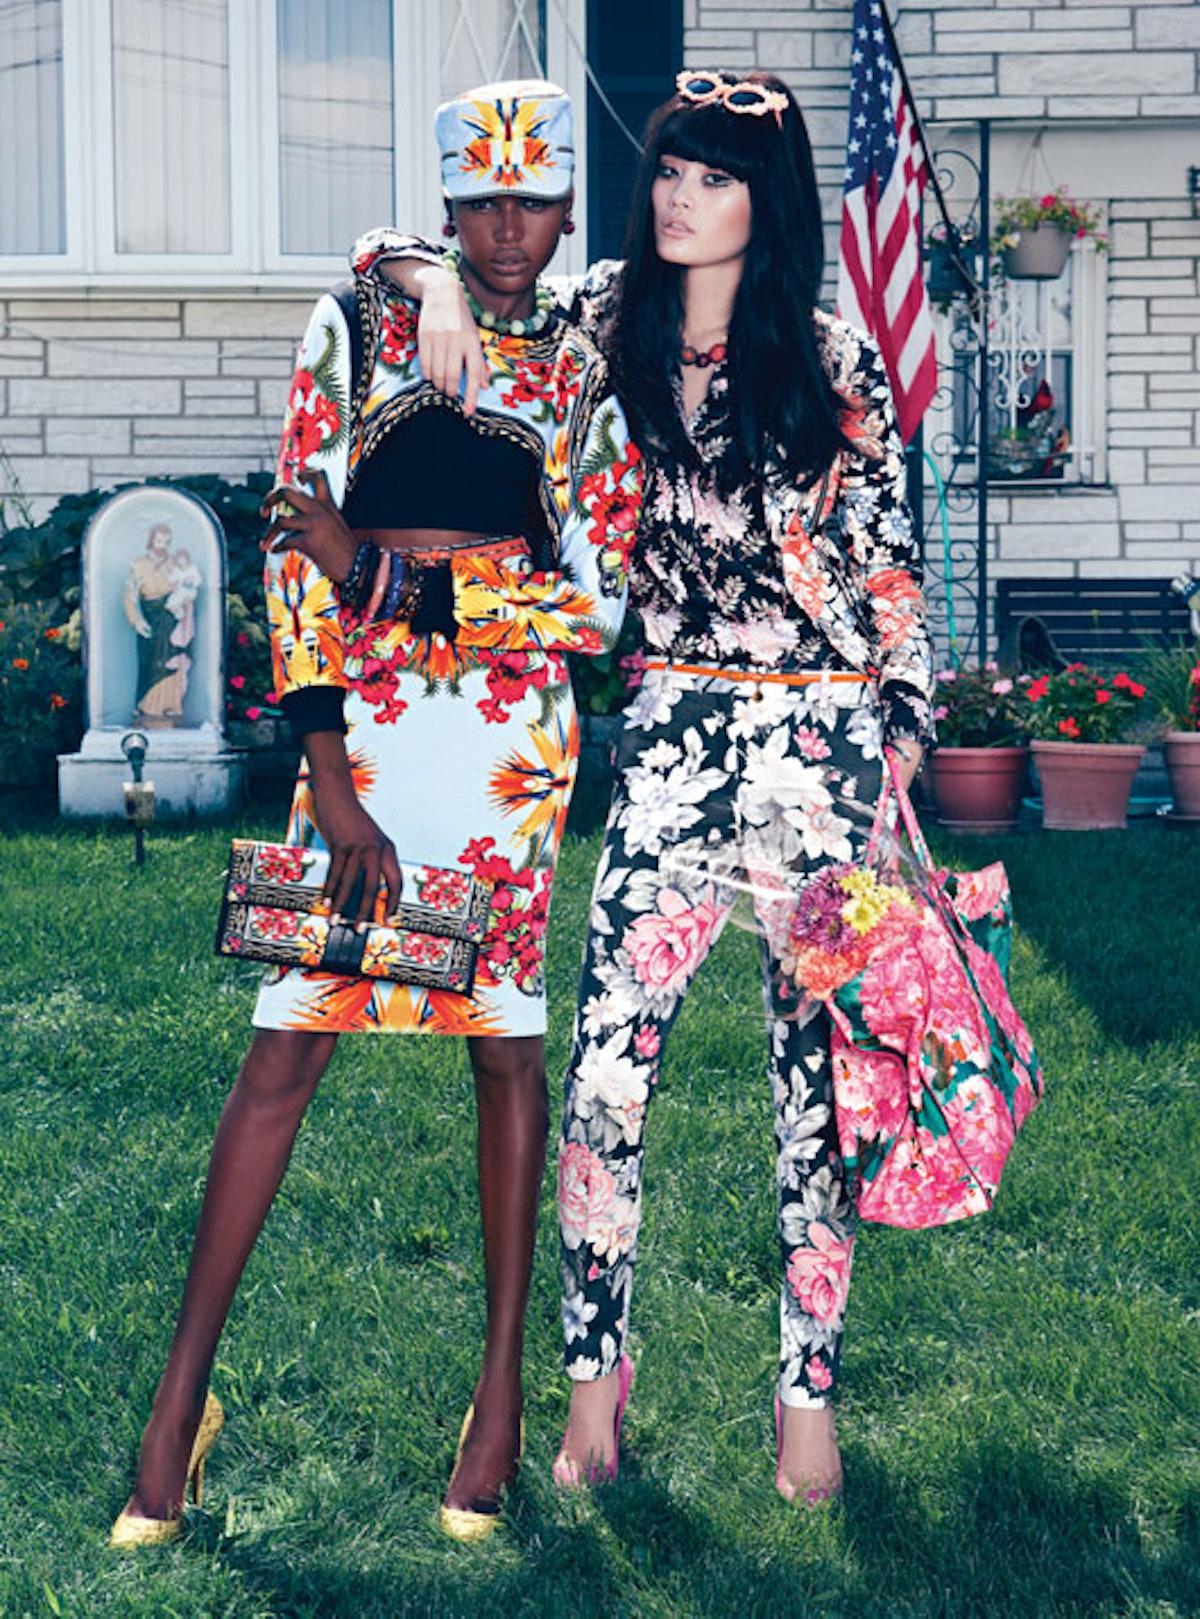 fass-fall-fashion-suburbs-03-l.jpg